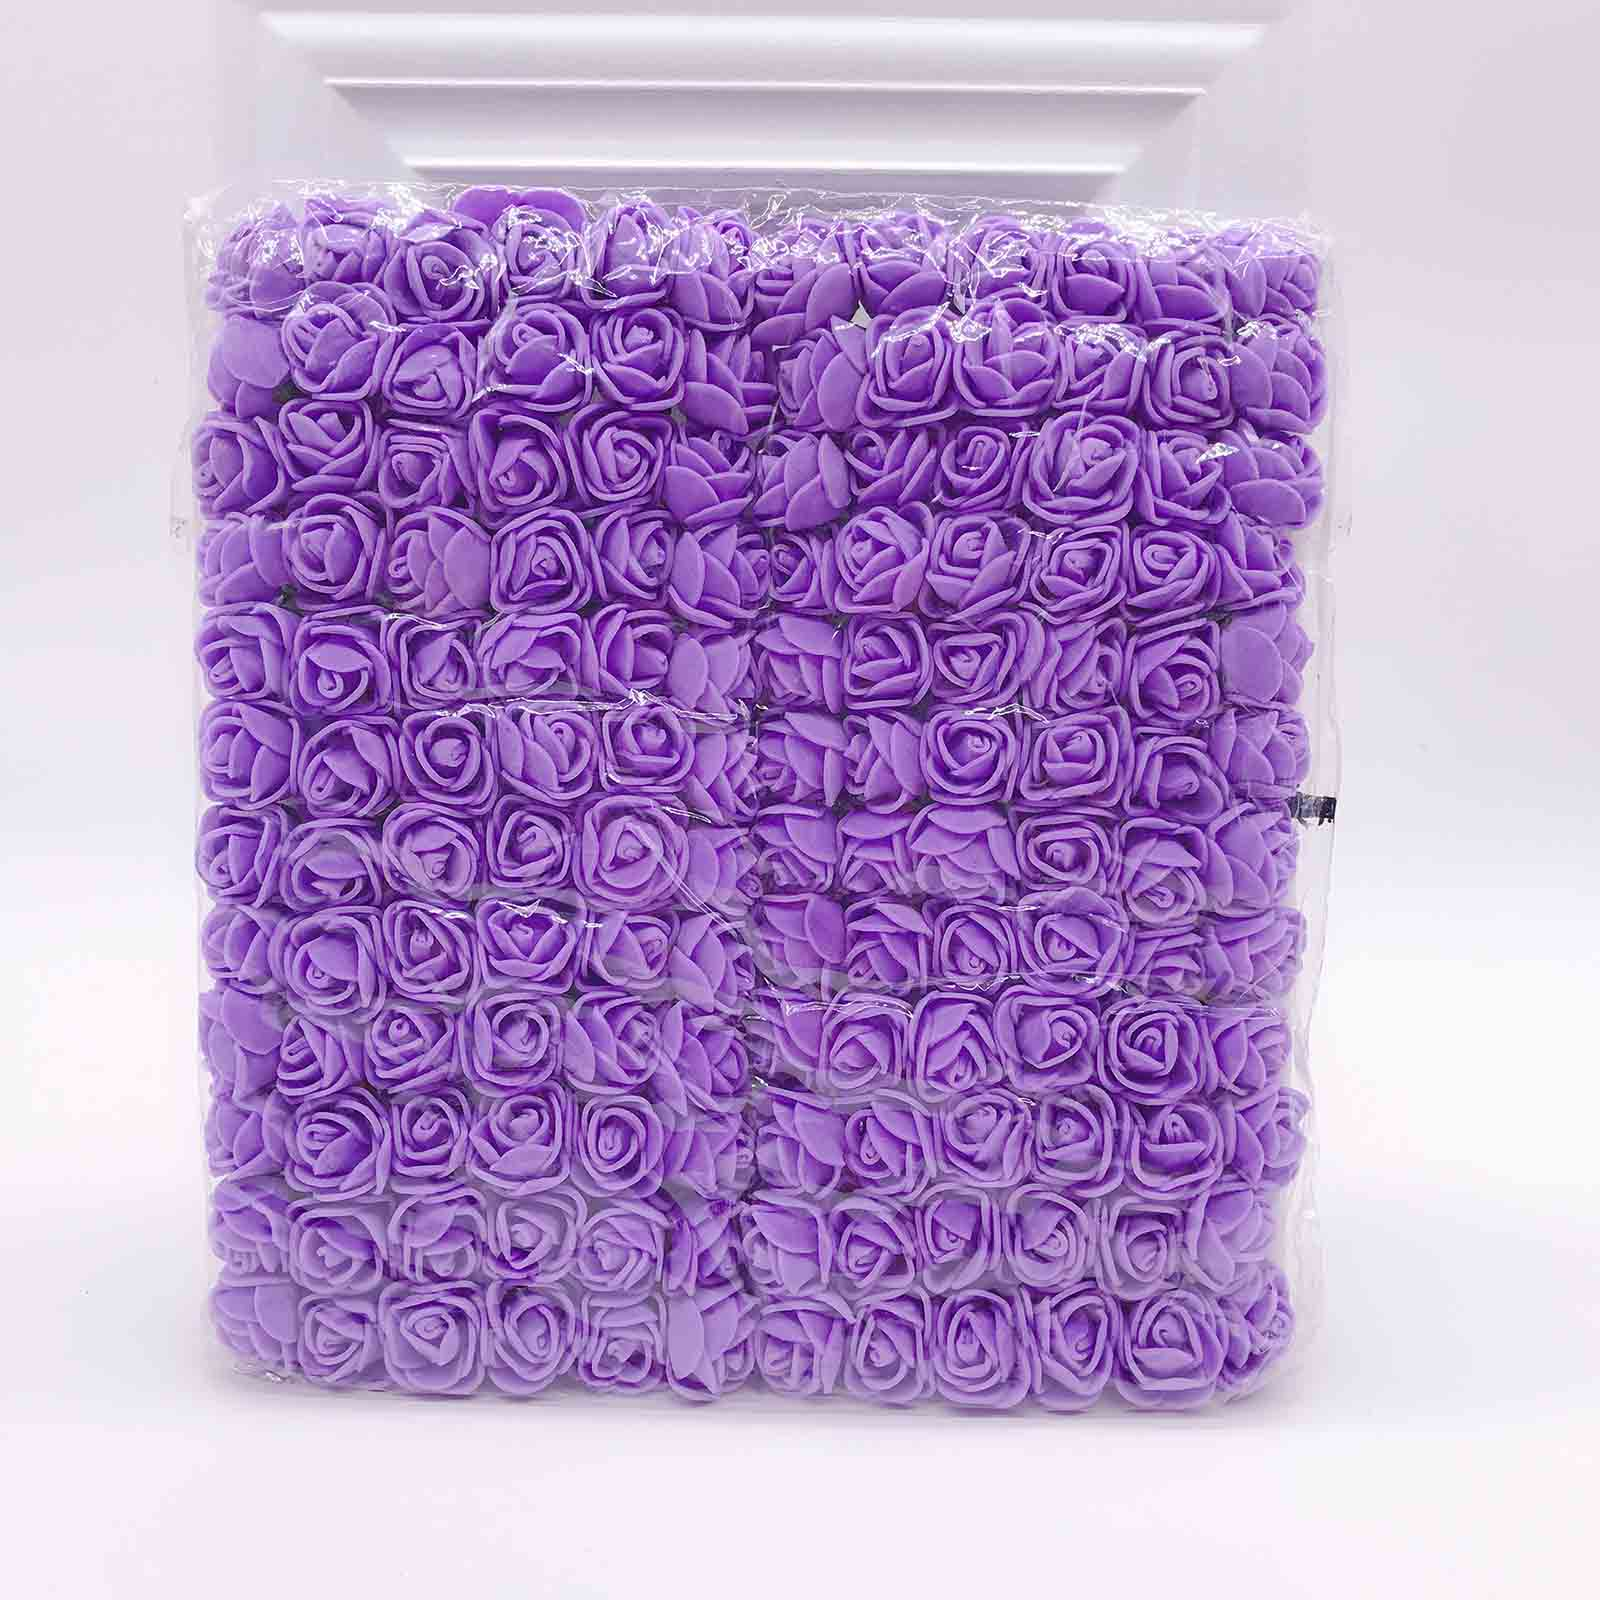 144 шт 2 см мини-розы из пенопласта для дома, свадьбы, искусственные цветы, декорация для скрапбукинга, сделай сам, венок, Подарочная коробка, дешевый искусственный цветок, букет - Цвет: 2